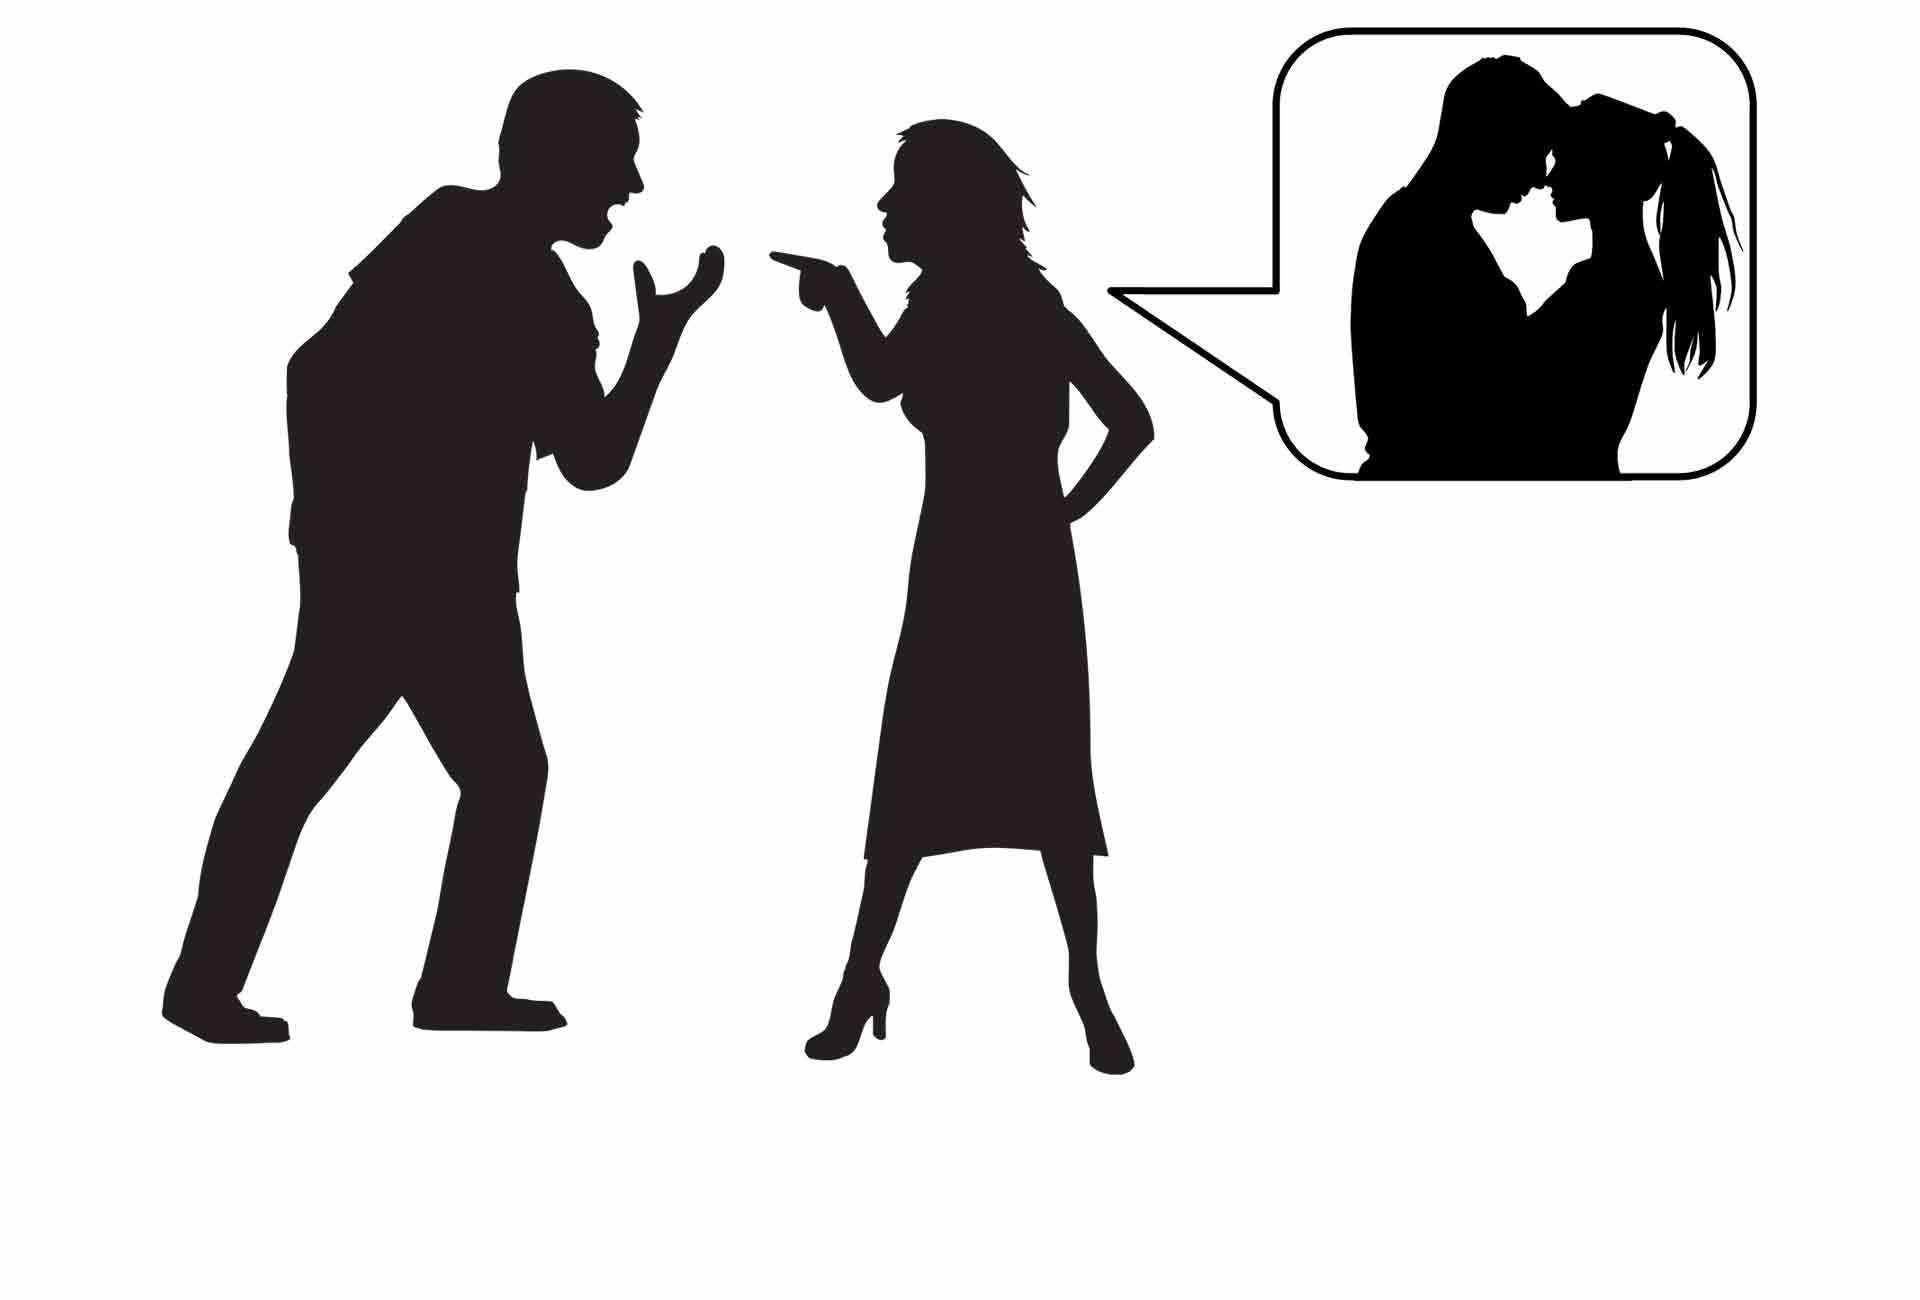 Meine Eifersucht macht die Beziehung kaputt